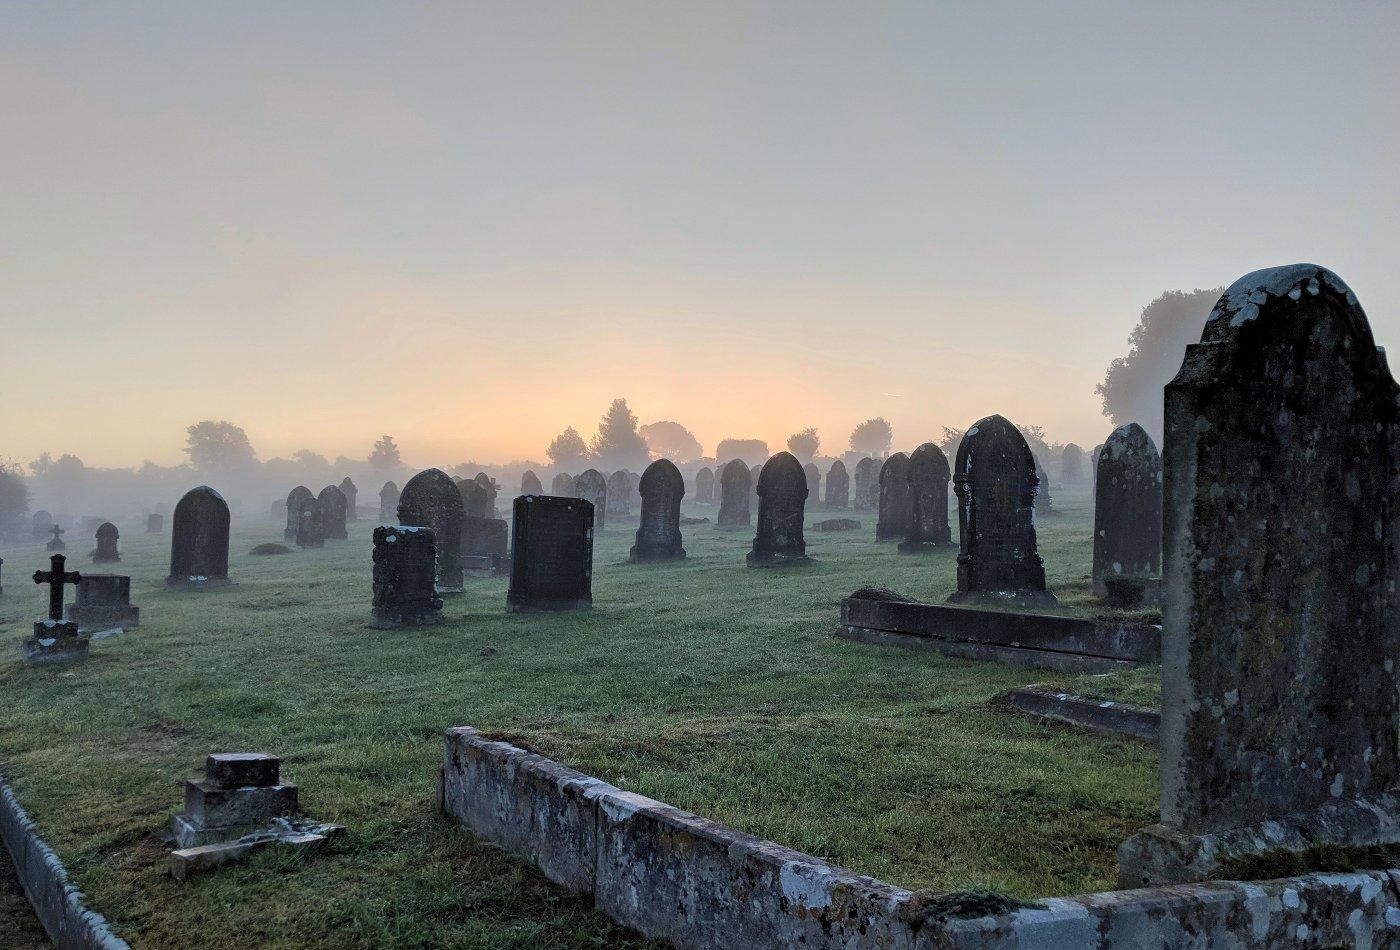 Cemitério com aspecto assustador